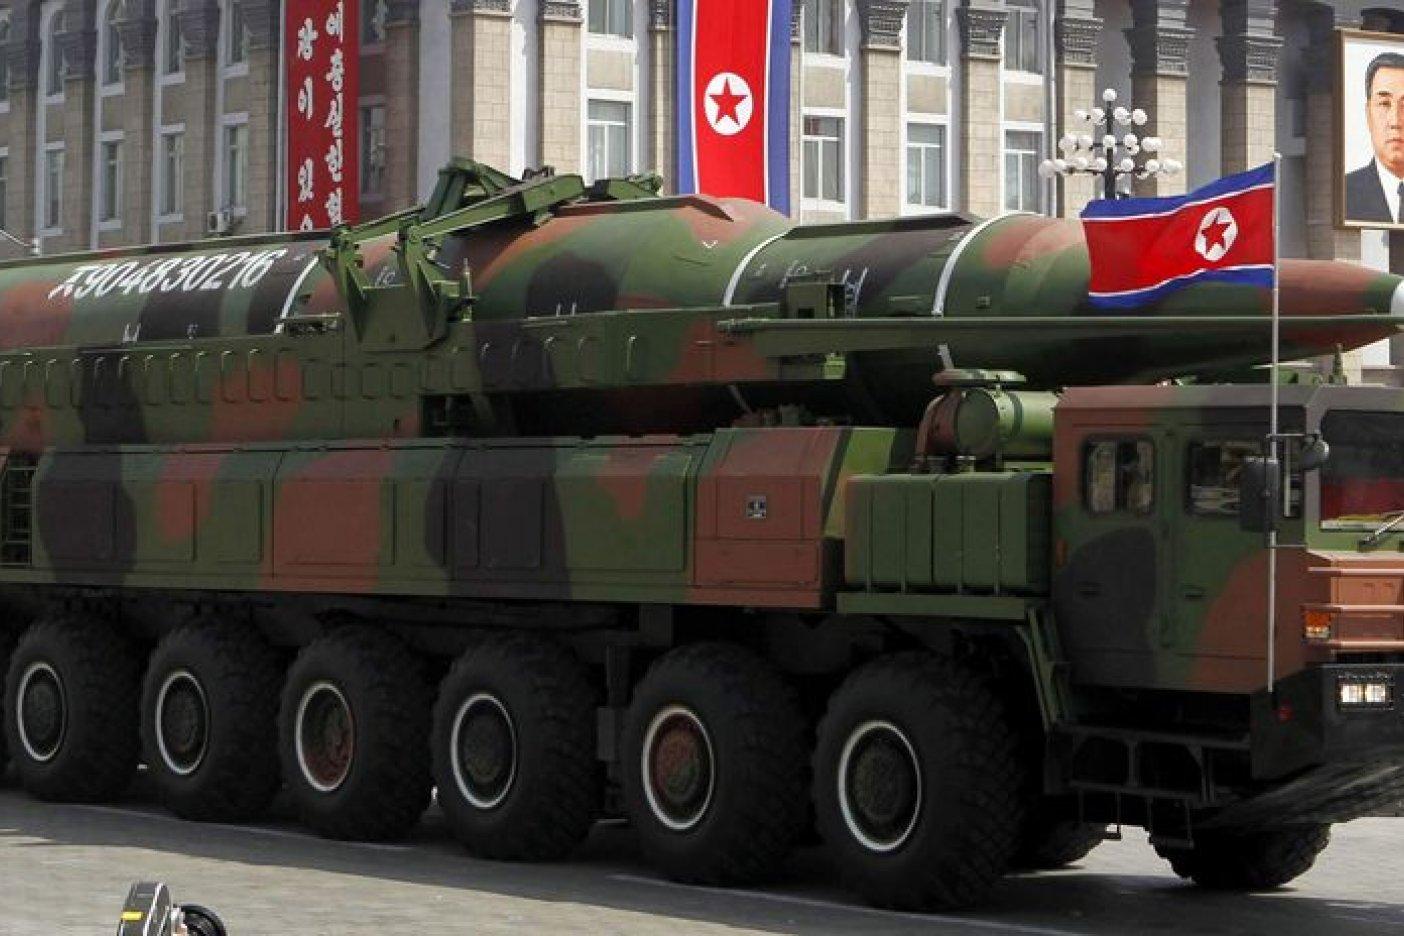 Pese a sanciones, reportan nuevo lanzamiento de misil norcoreano